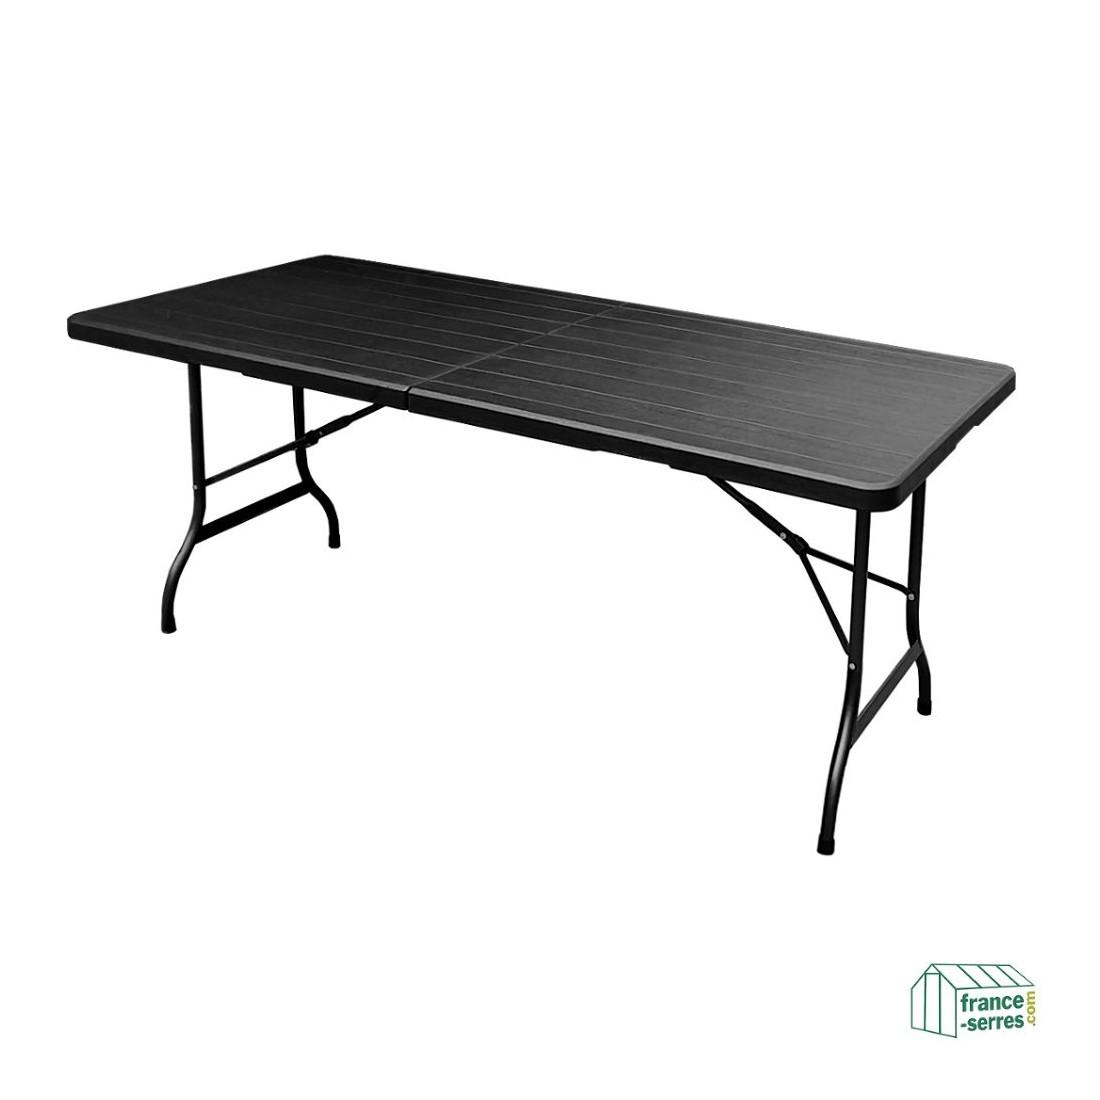 table rectangulaire 180cm noire imitation bois pliante en valise en poly thyl ne. Black Bedroom Furniture Sets. Home Design Ideas